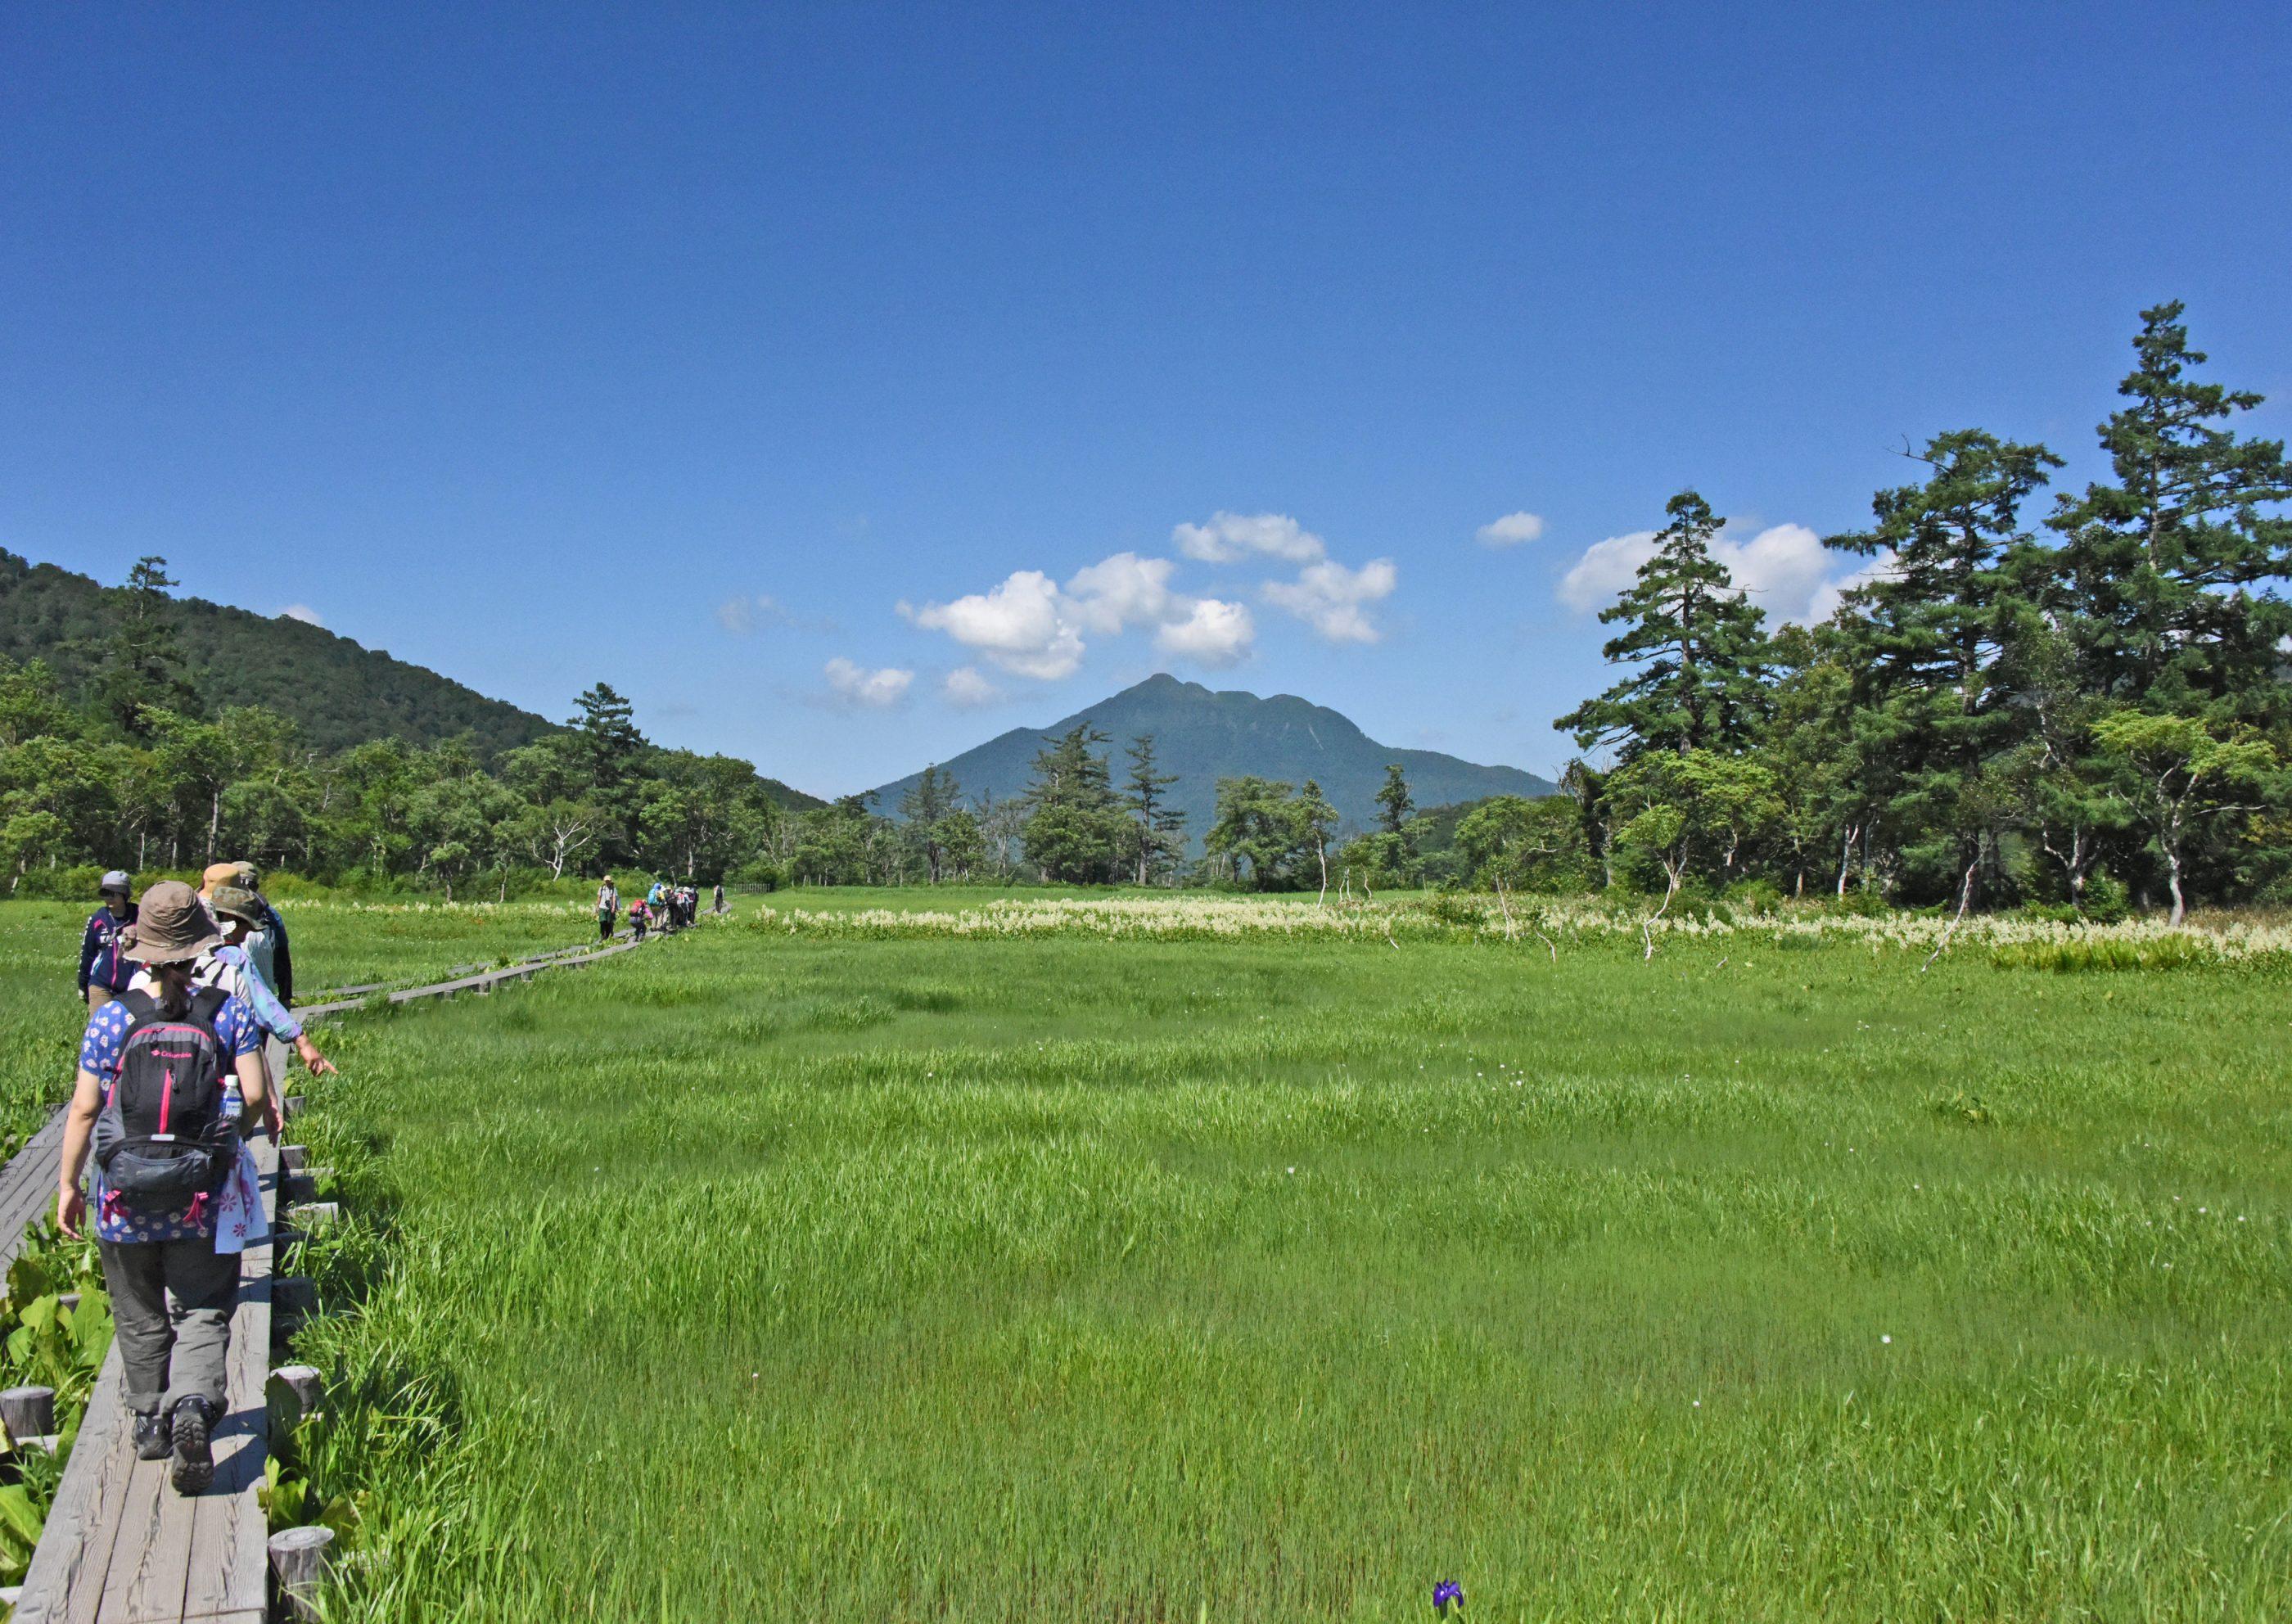 ⇑ 向こうに見えるは東北の燧ケ岳です。天気が良いです。